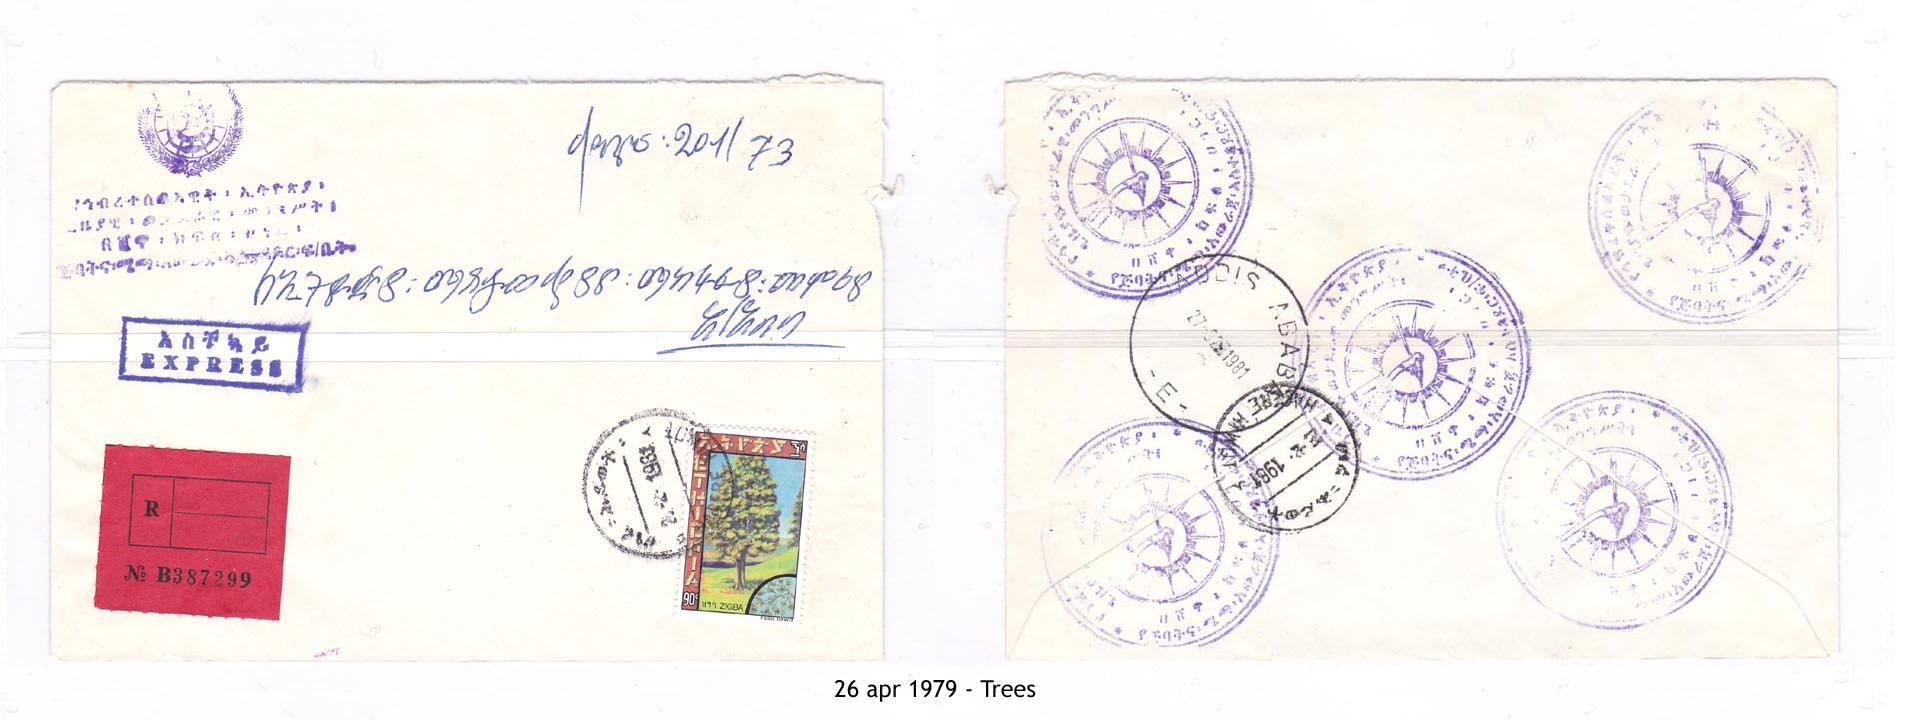 19790426 - Trees z